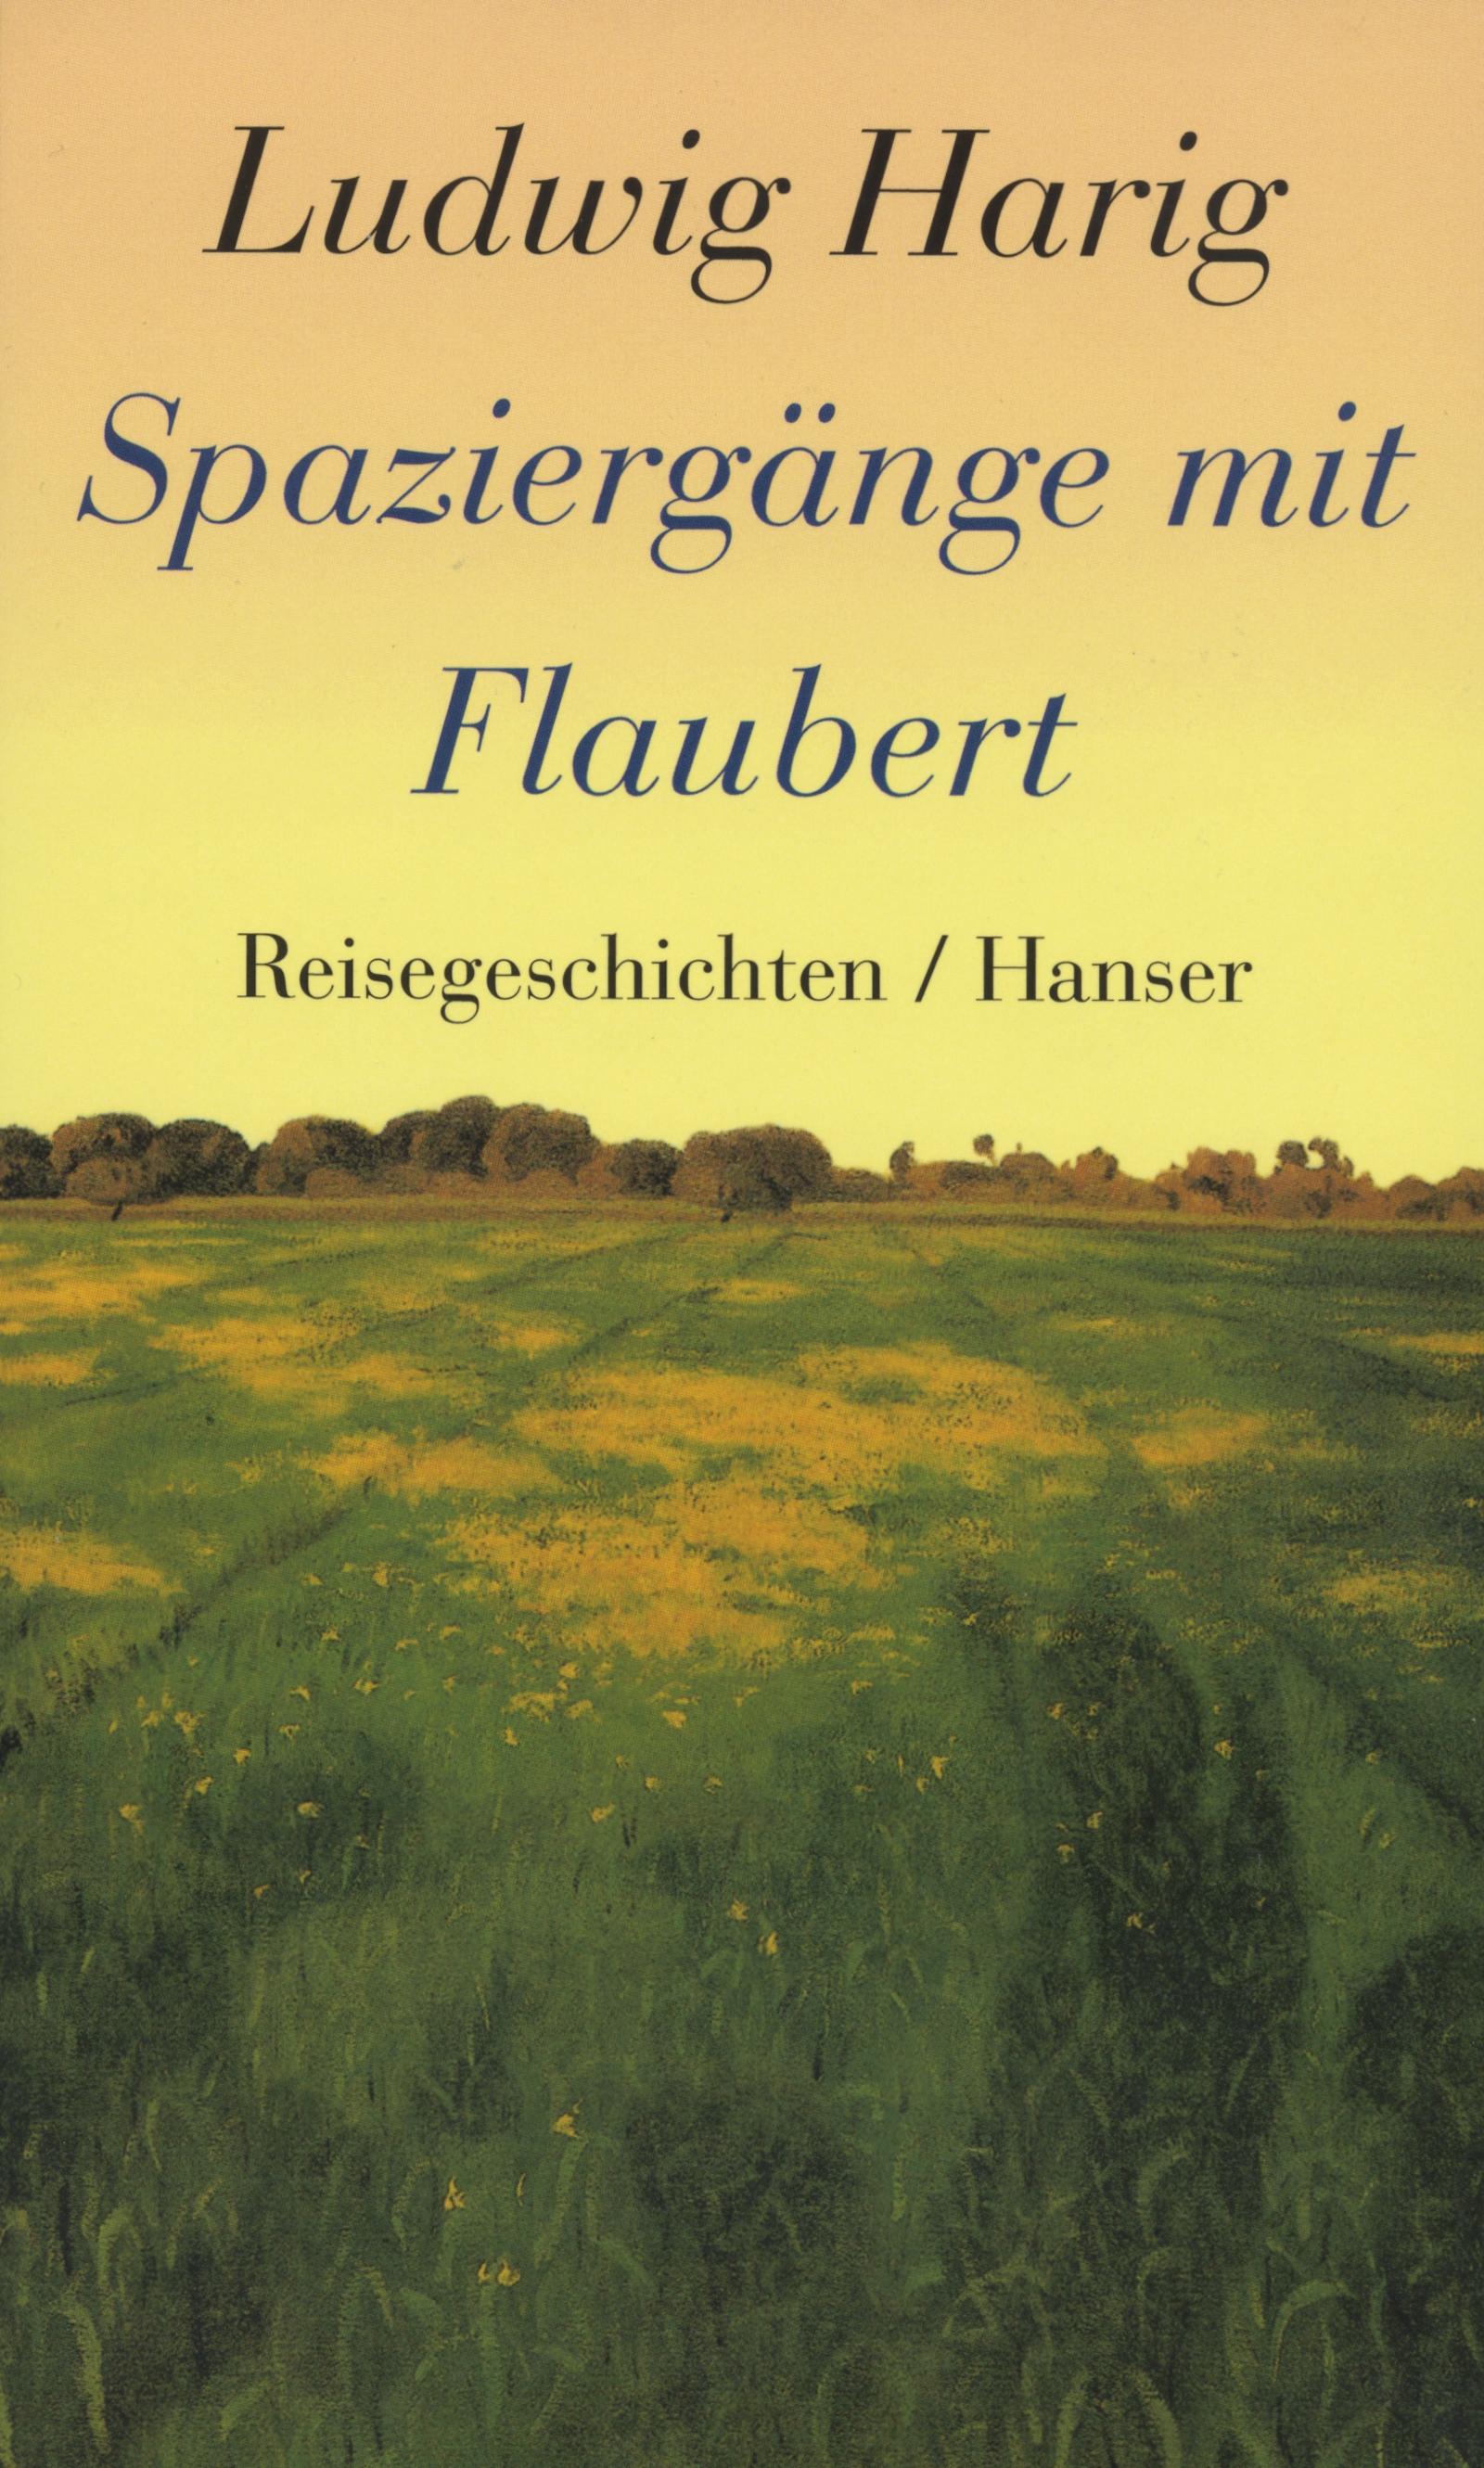 Walking with Flaubert